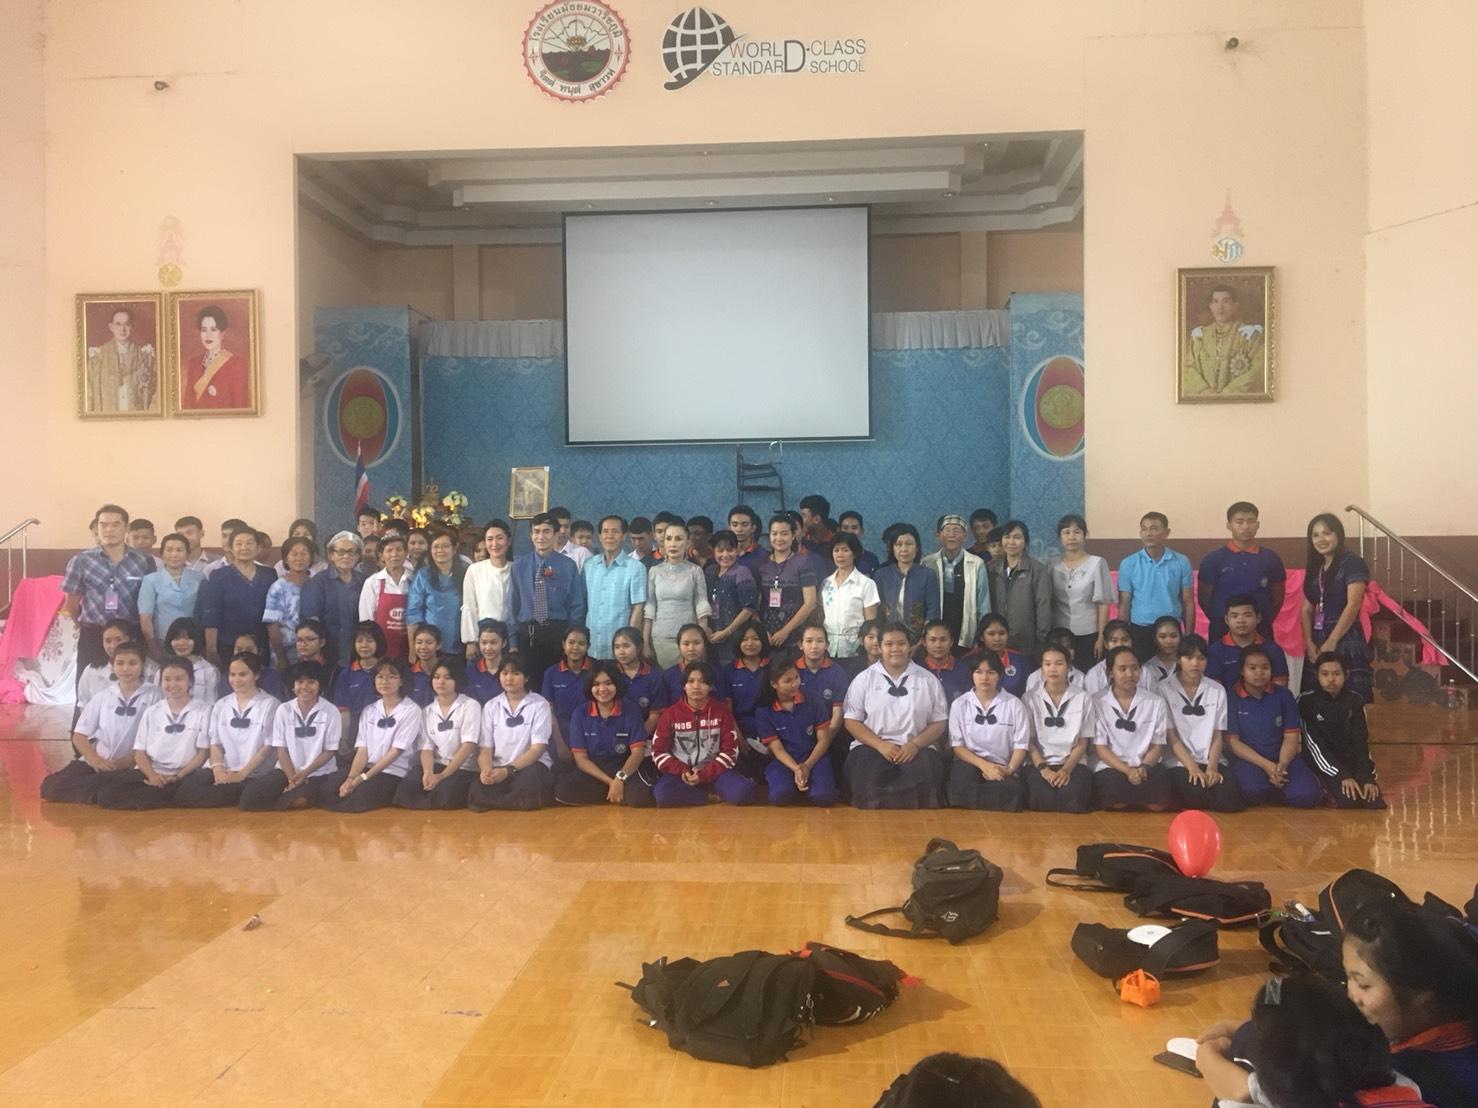 โครงการวันแนะแนวอาชีพในสถานศึกษา  ประจำปี 2561